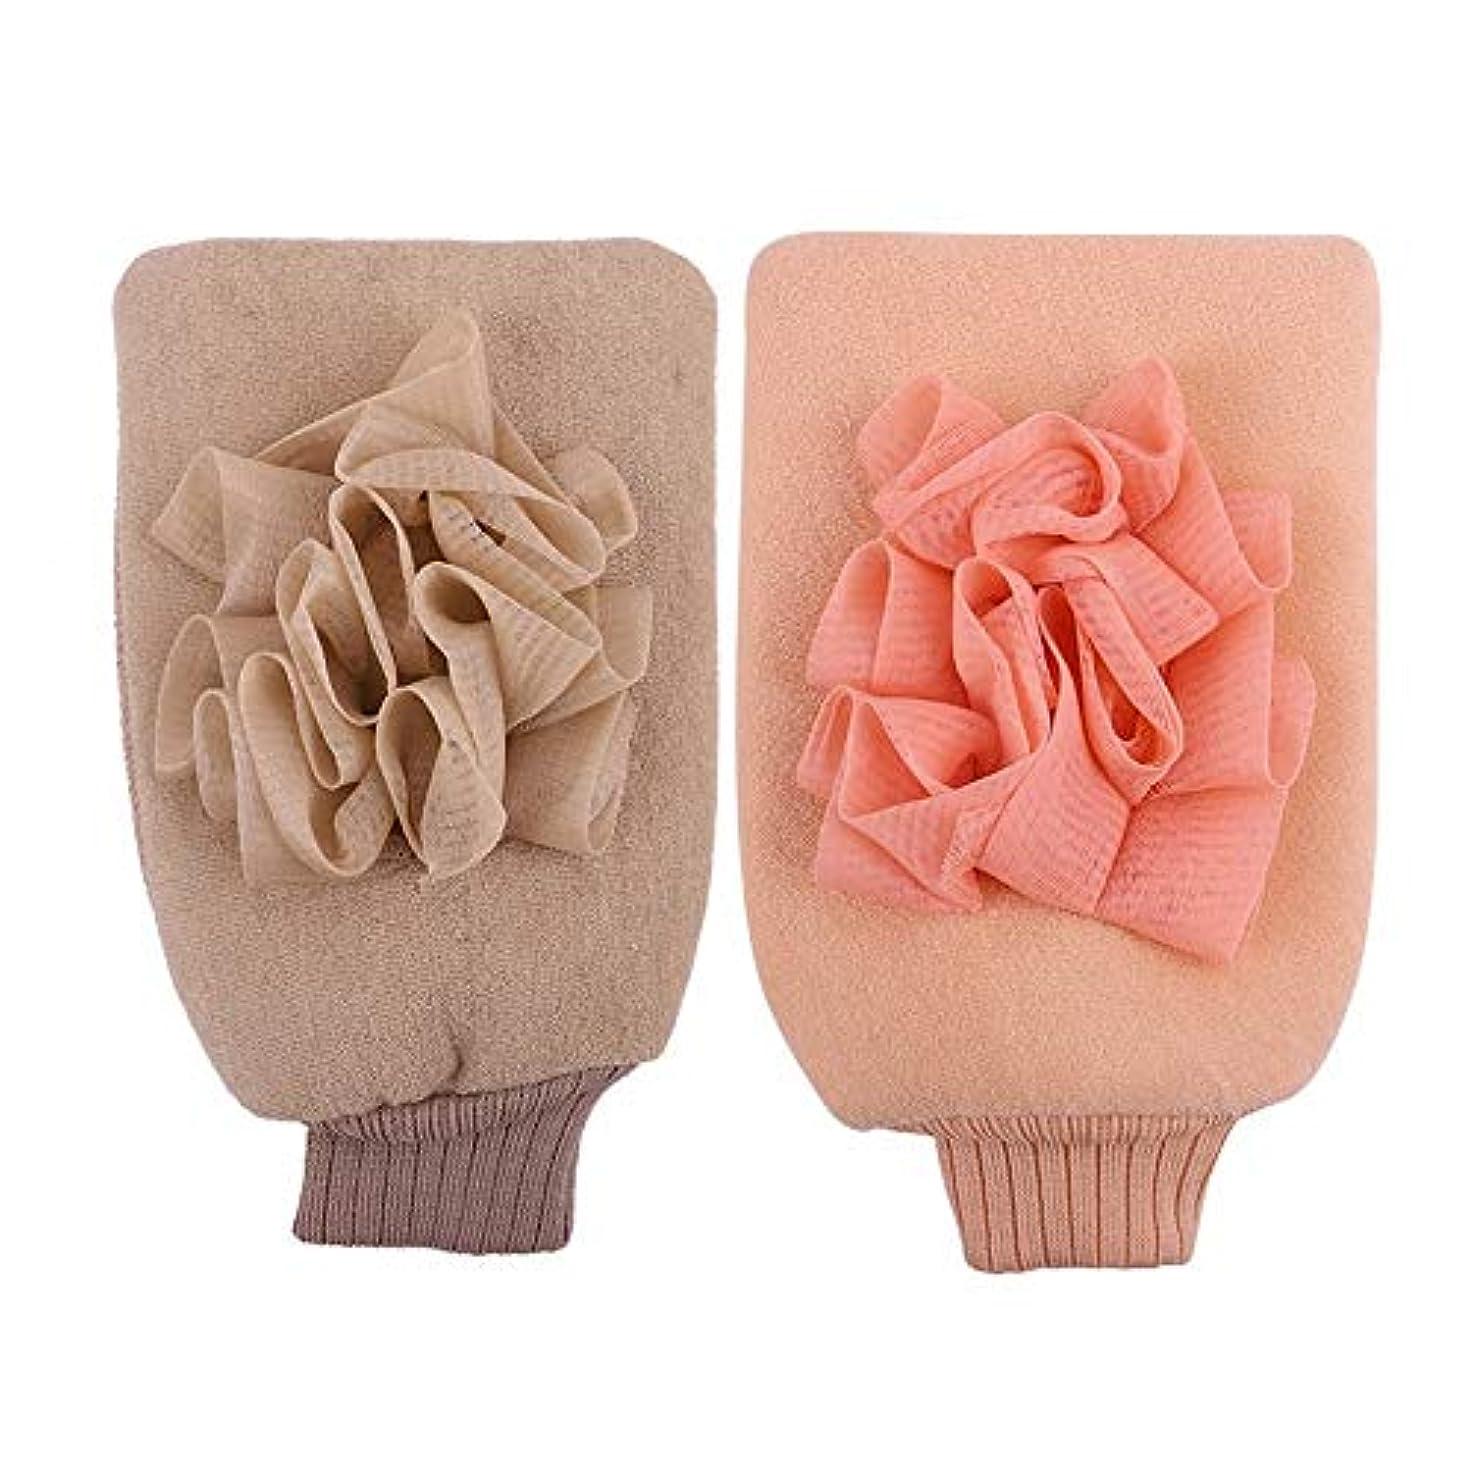 事前見落とす統計的BTXXYJP お風呂用手袋 シャワー手袋 あかすり手袋 ボディブラシ やわらか ボディタオル バス用品 男女兼用 角質除去 (Color : Pink+beige)